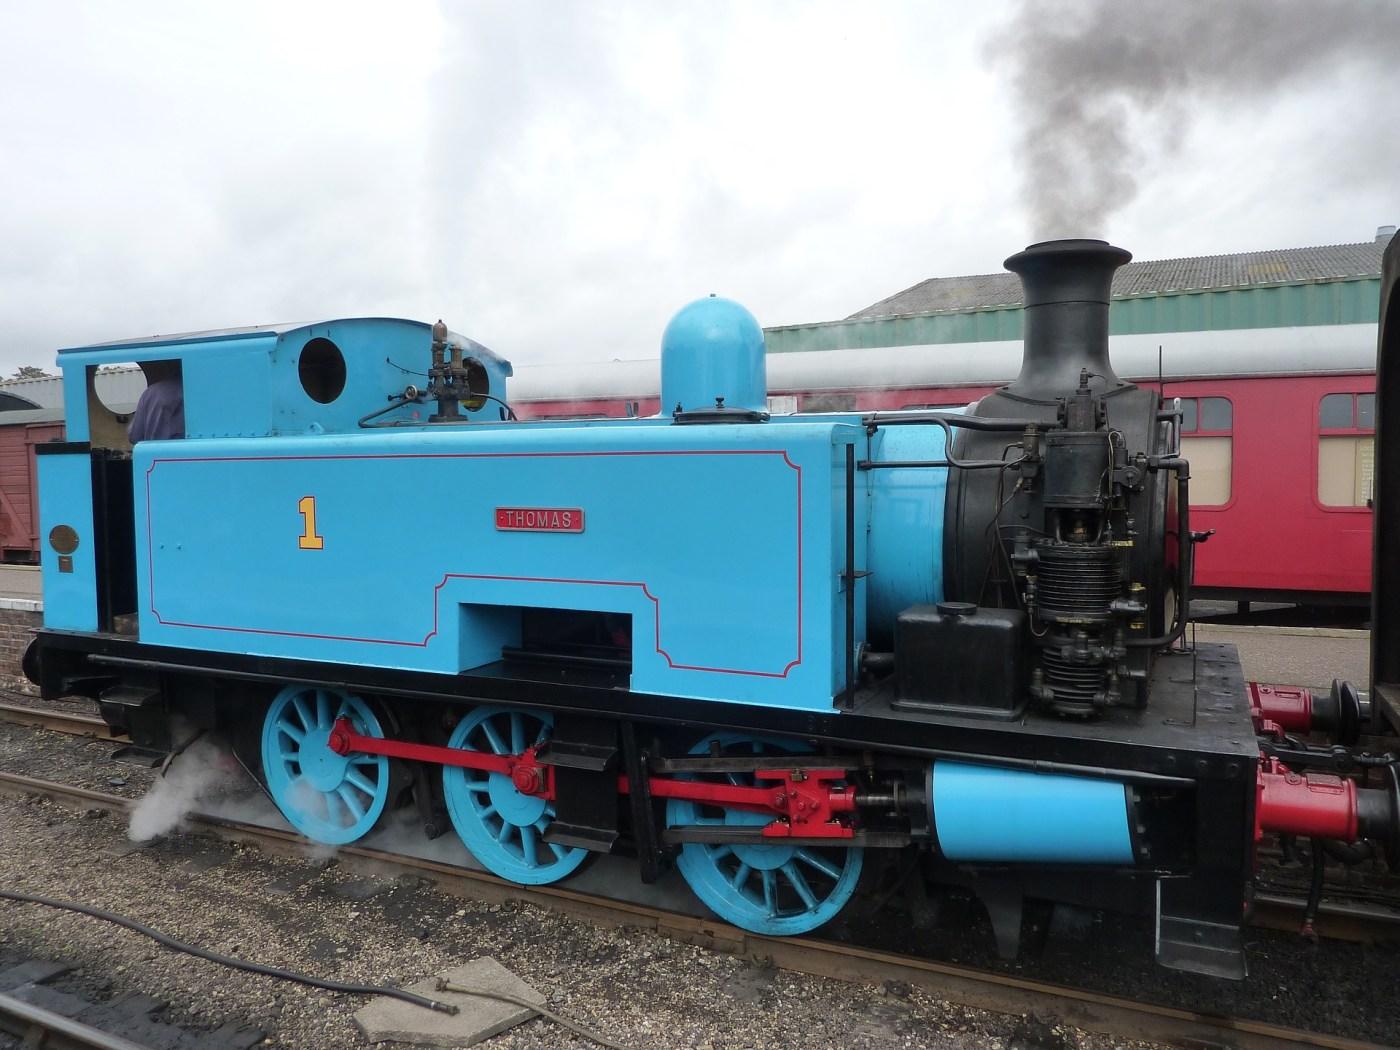 Poopy Thomas